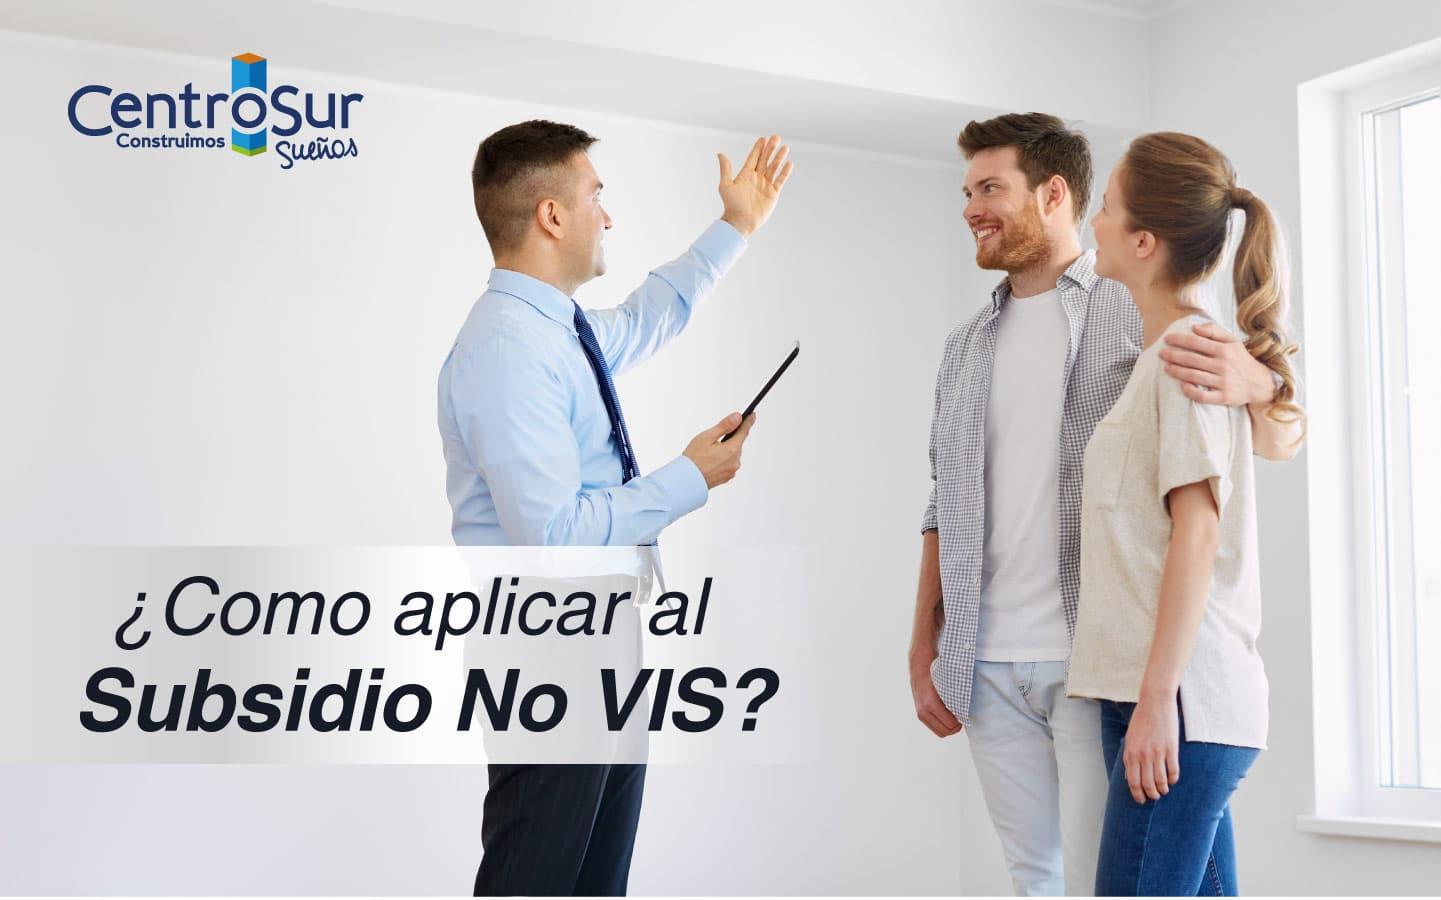 ¿Cómo aplicar al Subsidio No VIS?